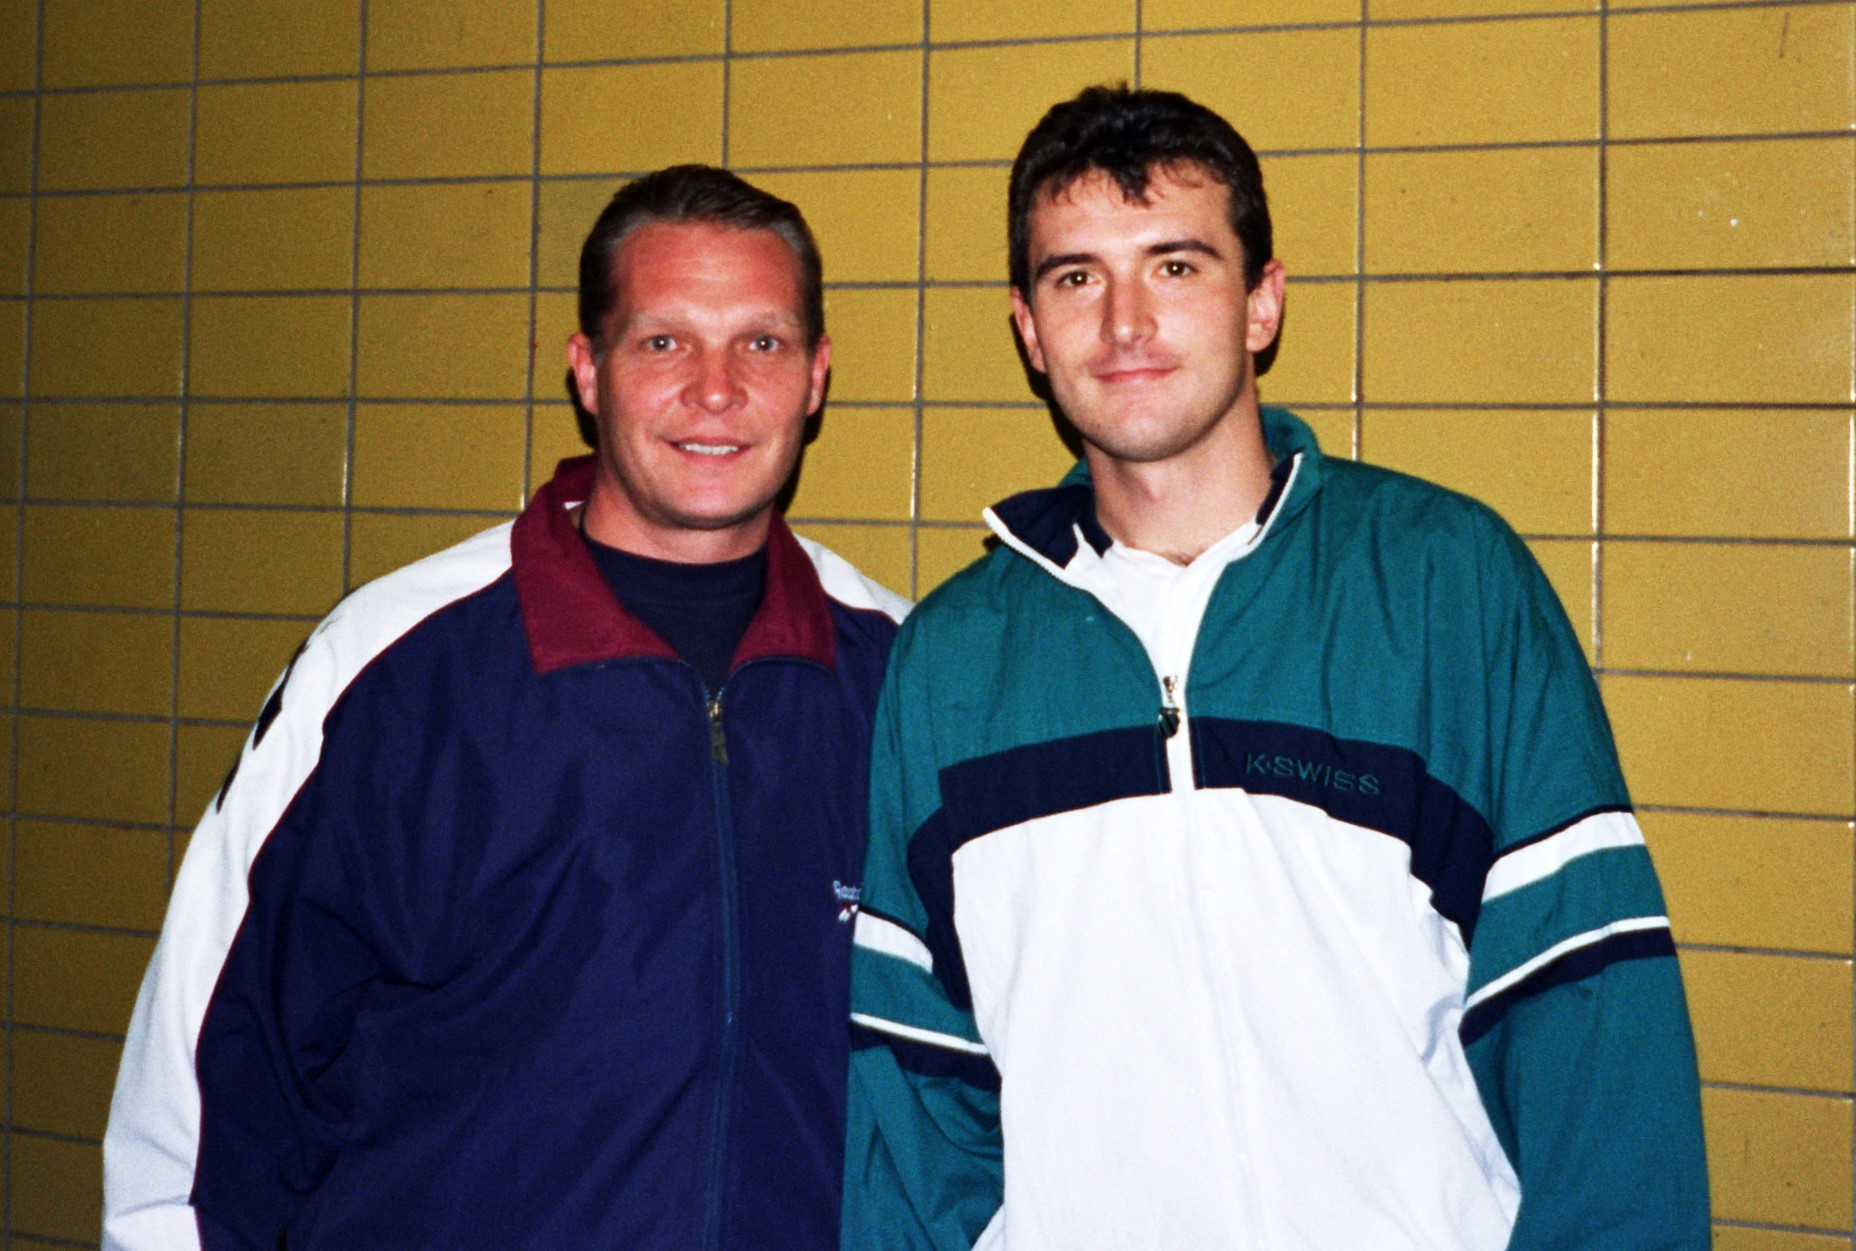 Дамм Мартин (Чехия) Знаменитый чешский теннисист и Минкевич Анатолий (Россия) Судья турниров ATP-Tour 1996